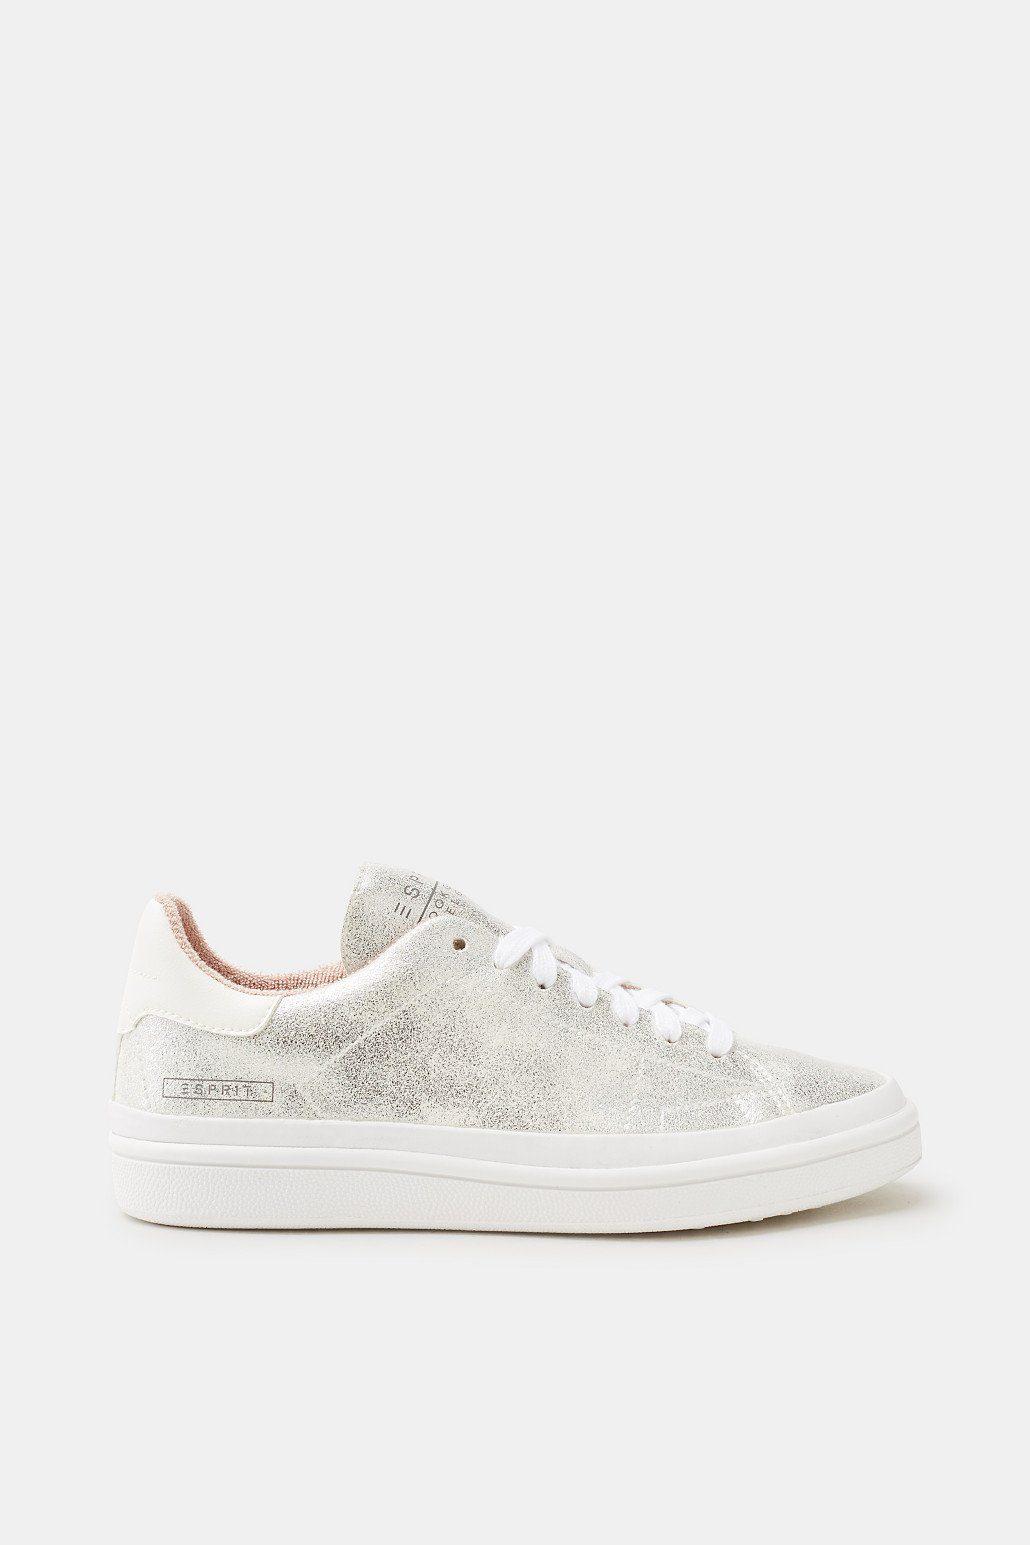 Esprit Trend-Sneaker im Metallic-Look für Damen, Größe 40, Silver